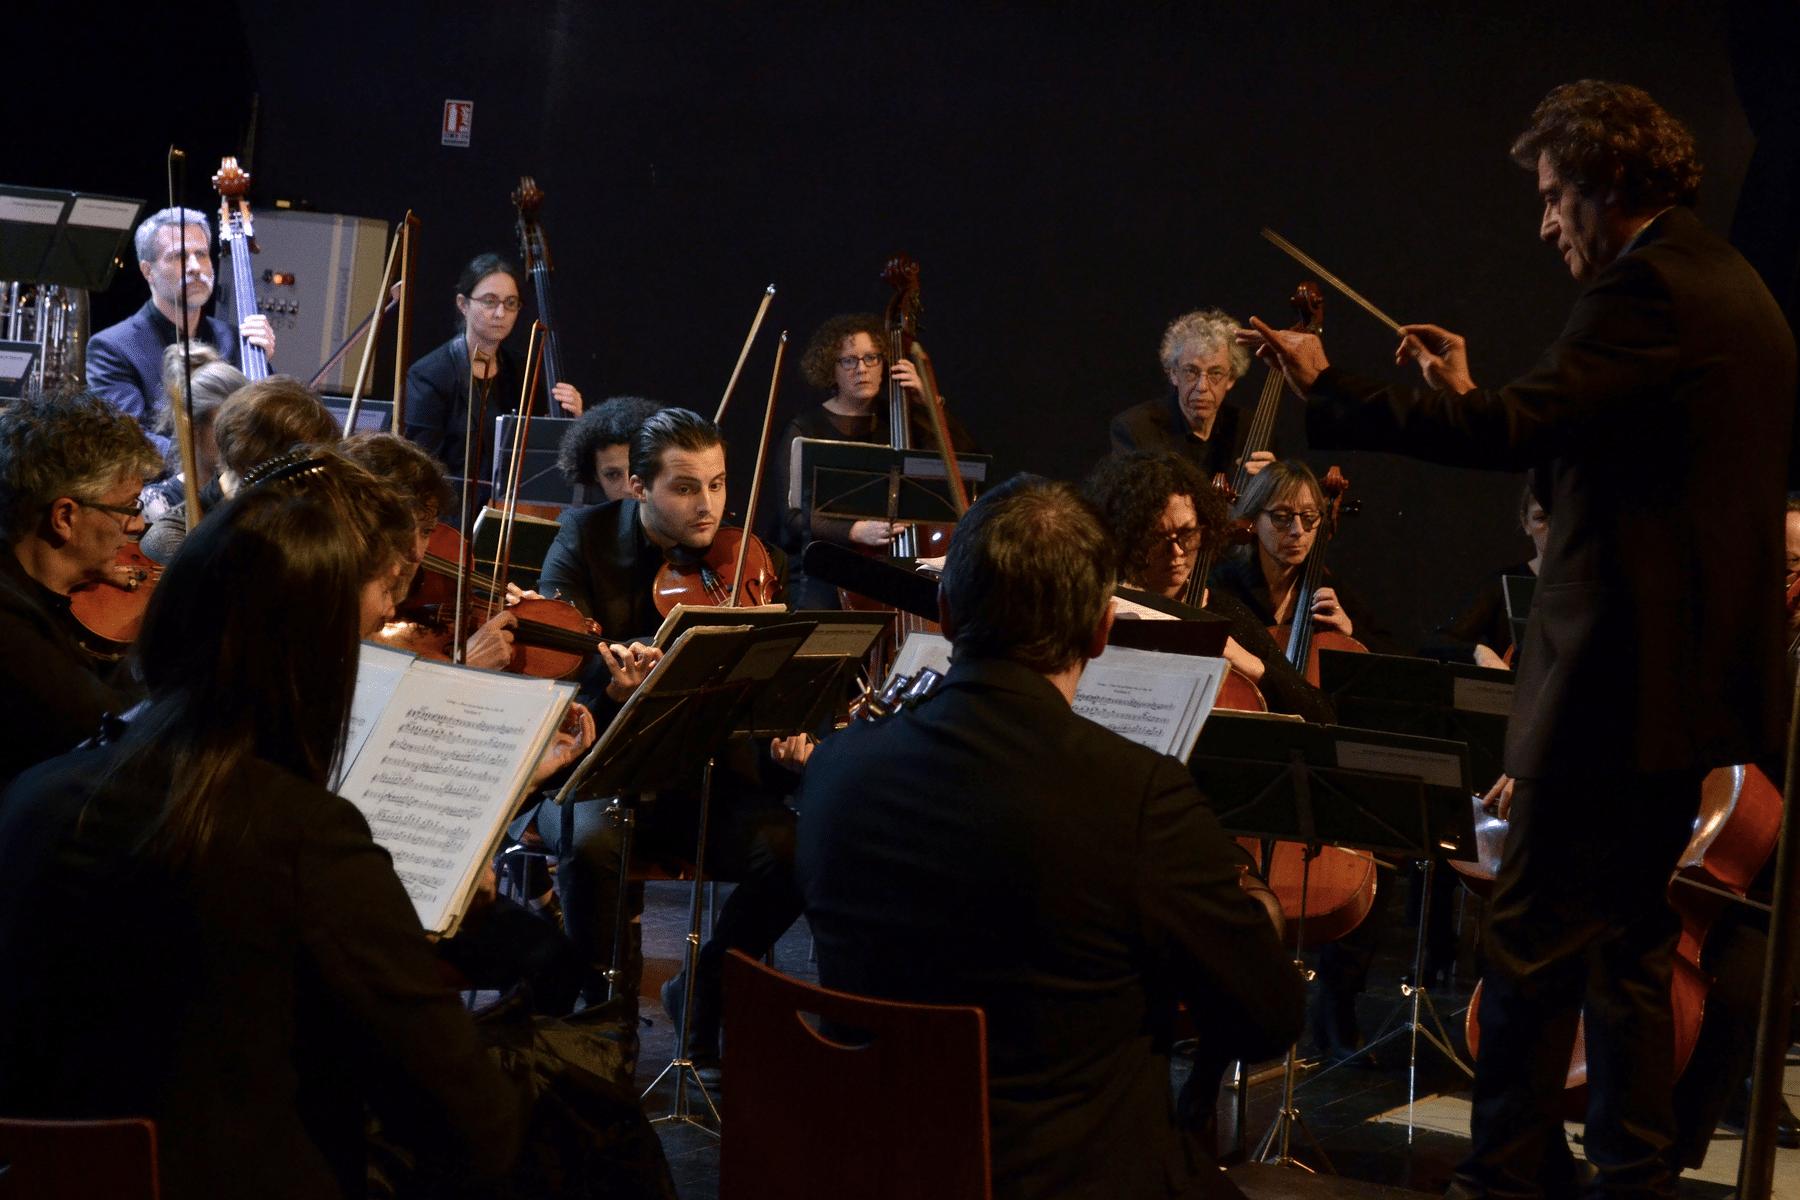 Le Symphonique de Thionville - Moselle